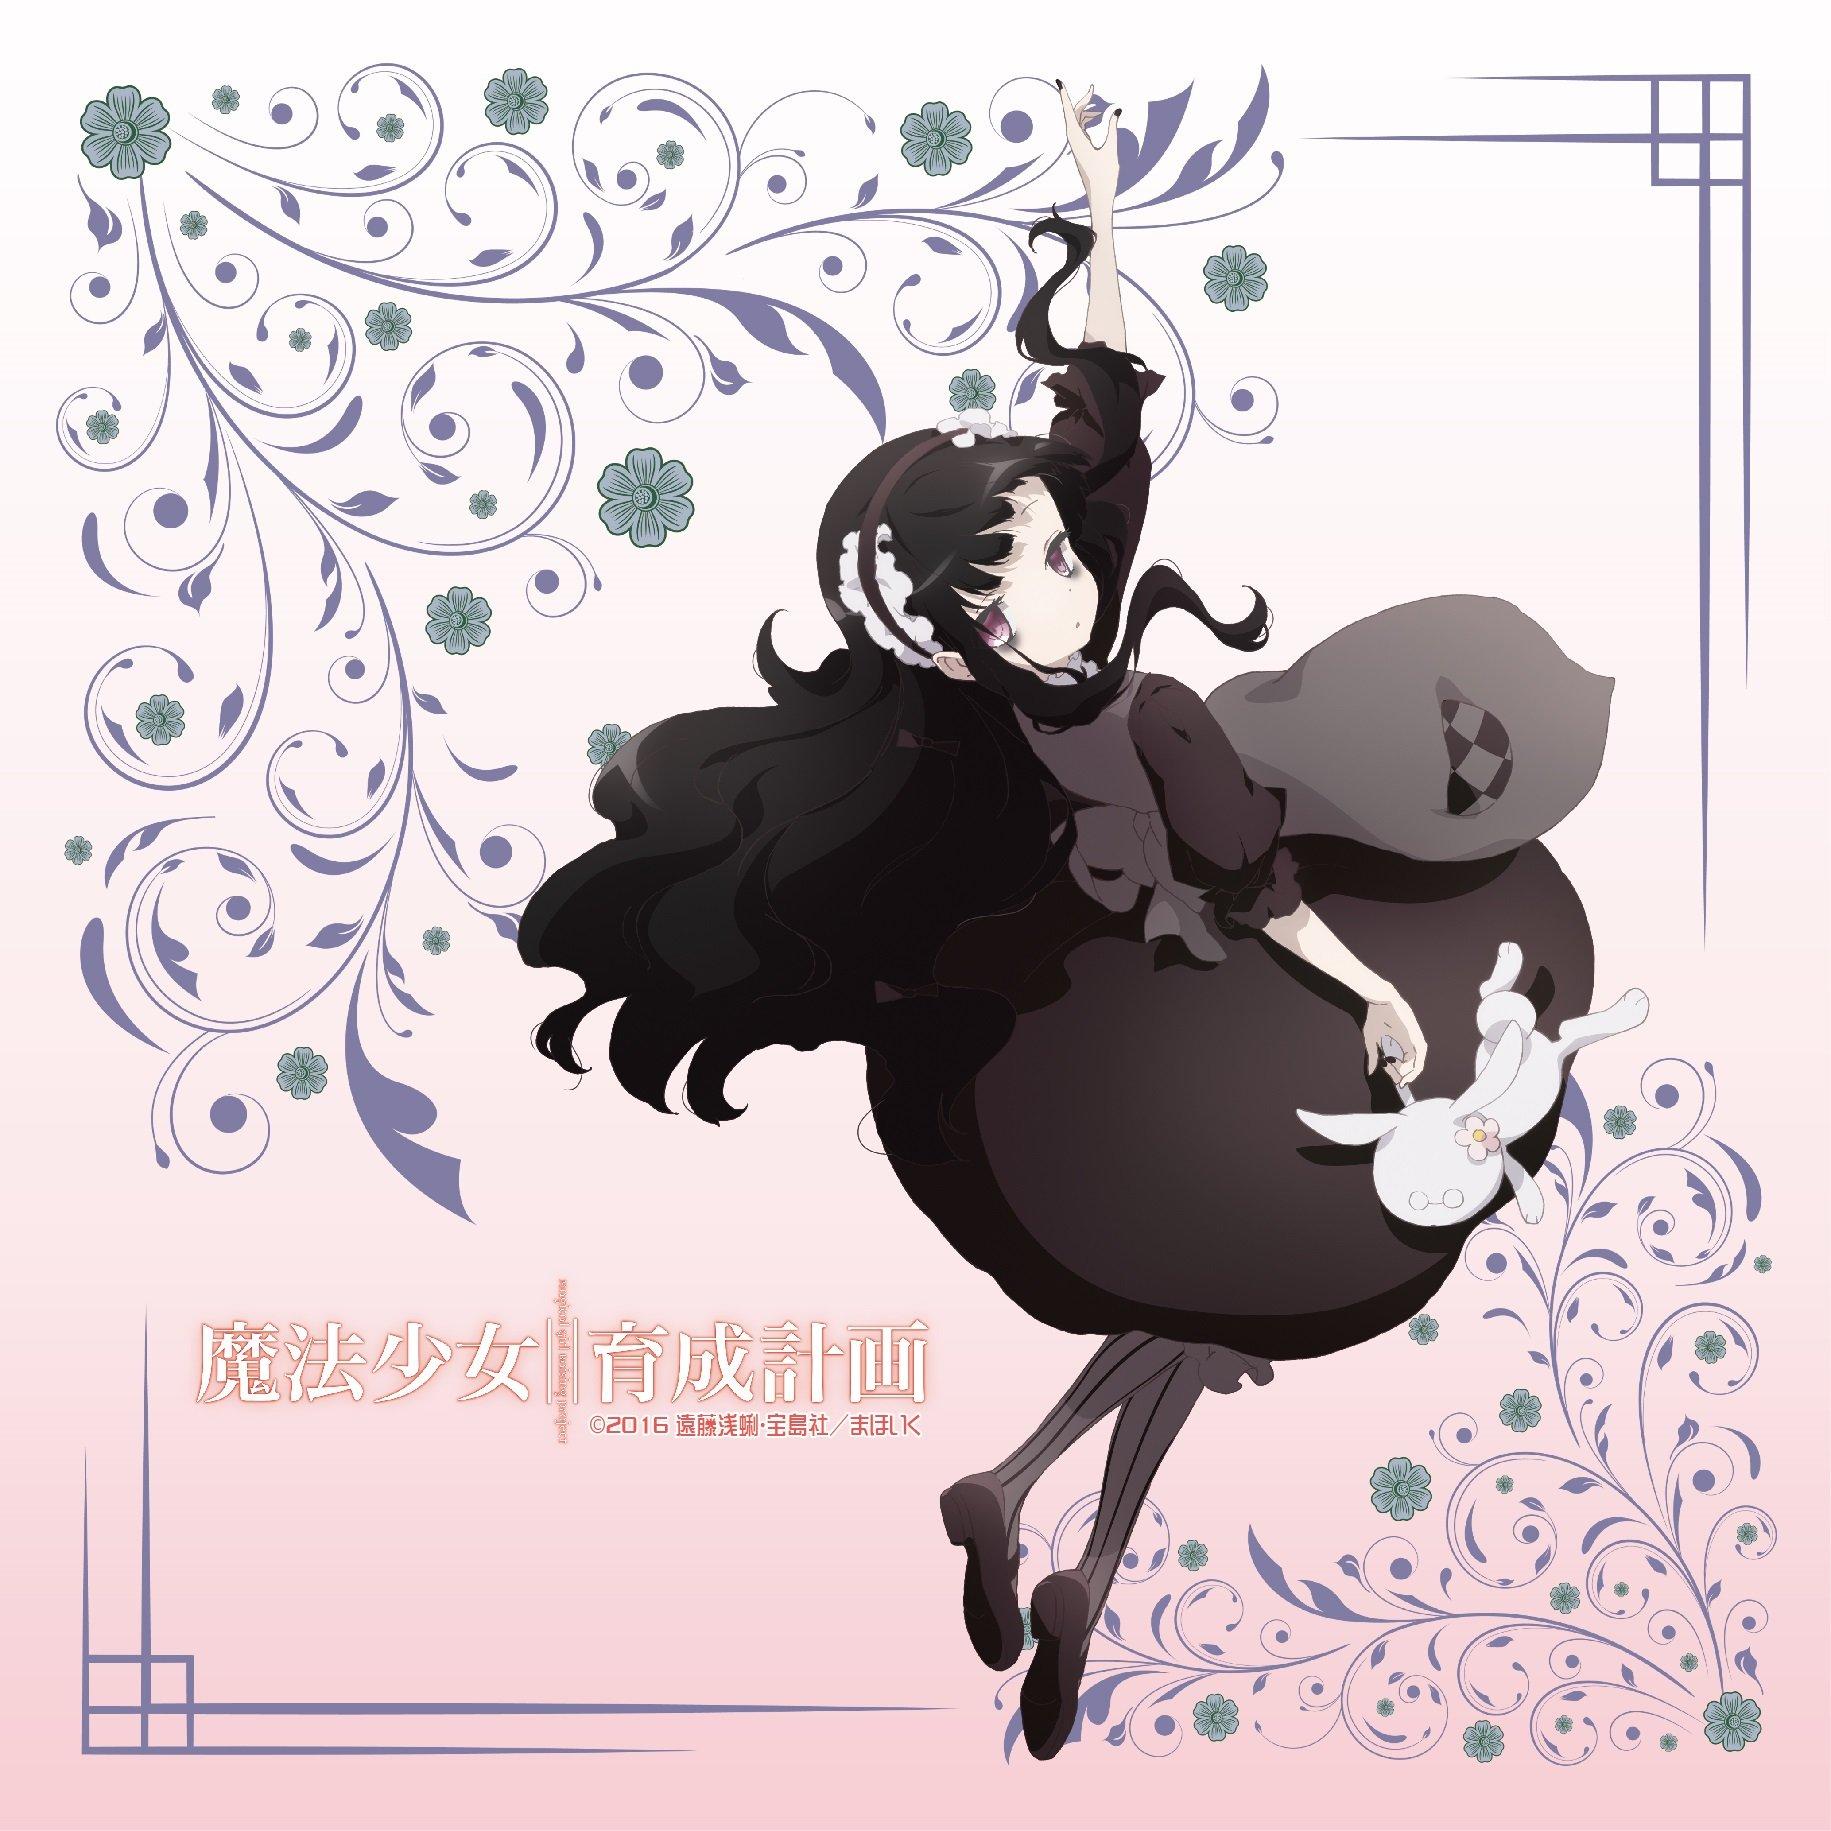 魔法少女育成計画 ハードゴア アリス 鳩田 亜子 はとだ あこ